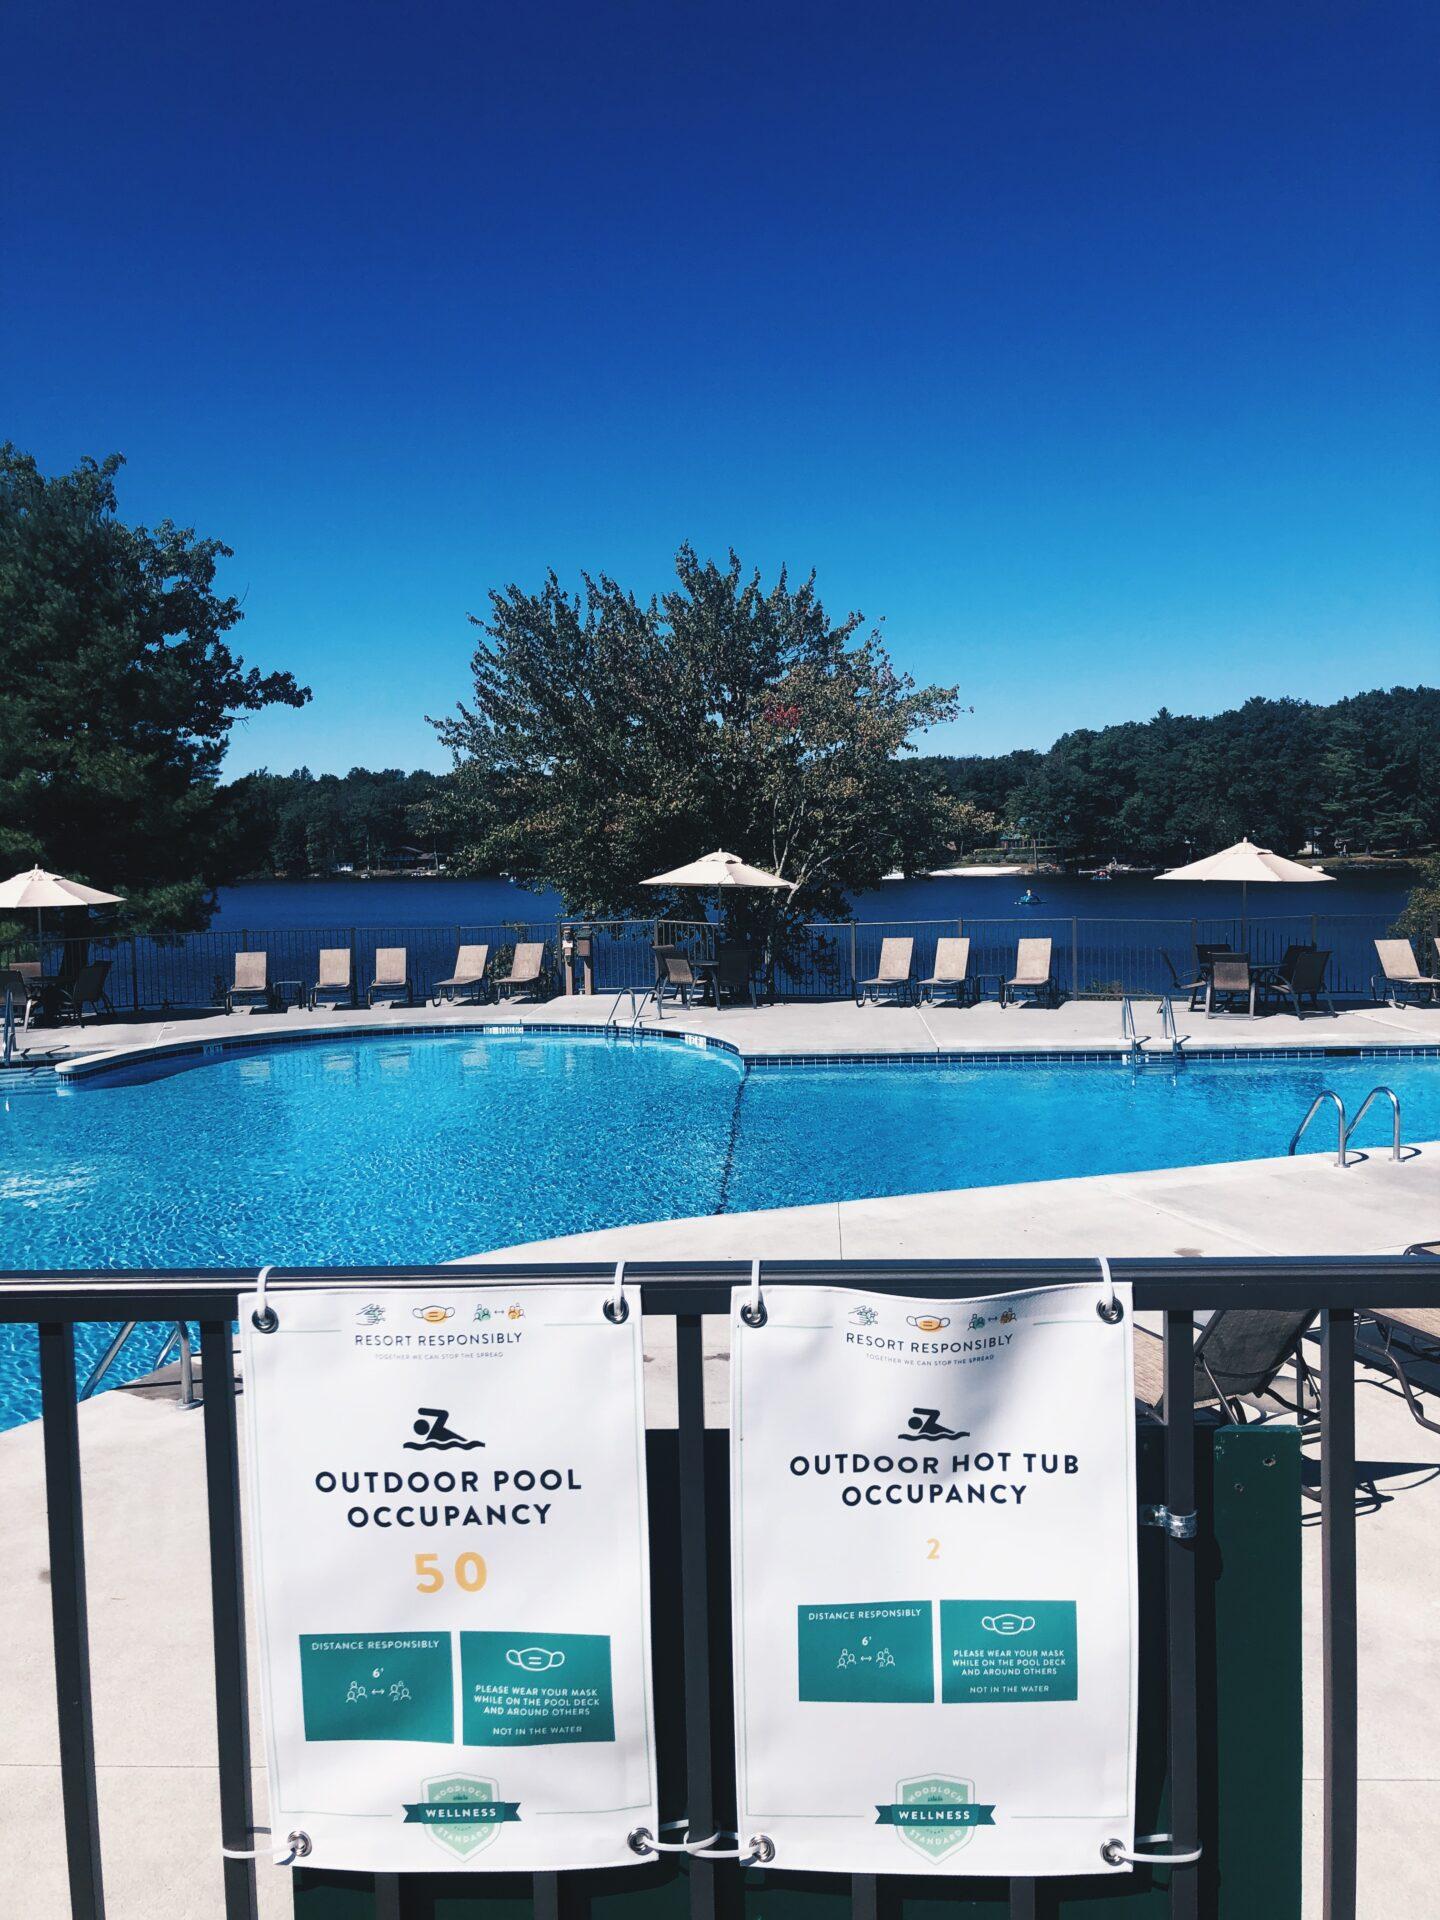 Woodloch Resort Weekend pool